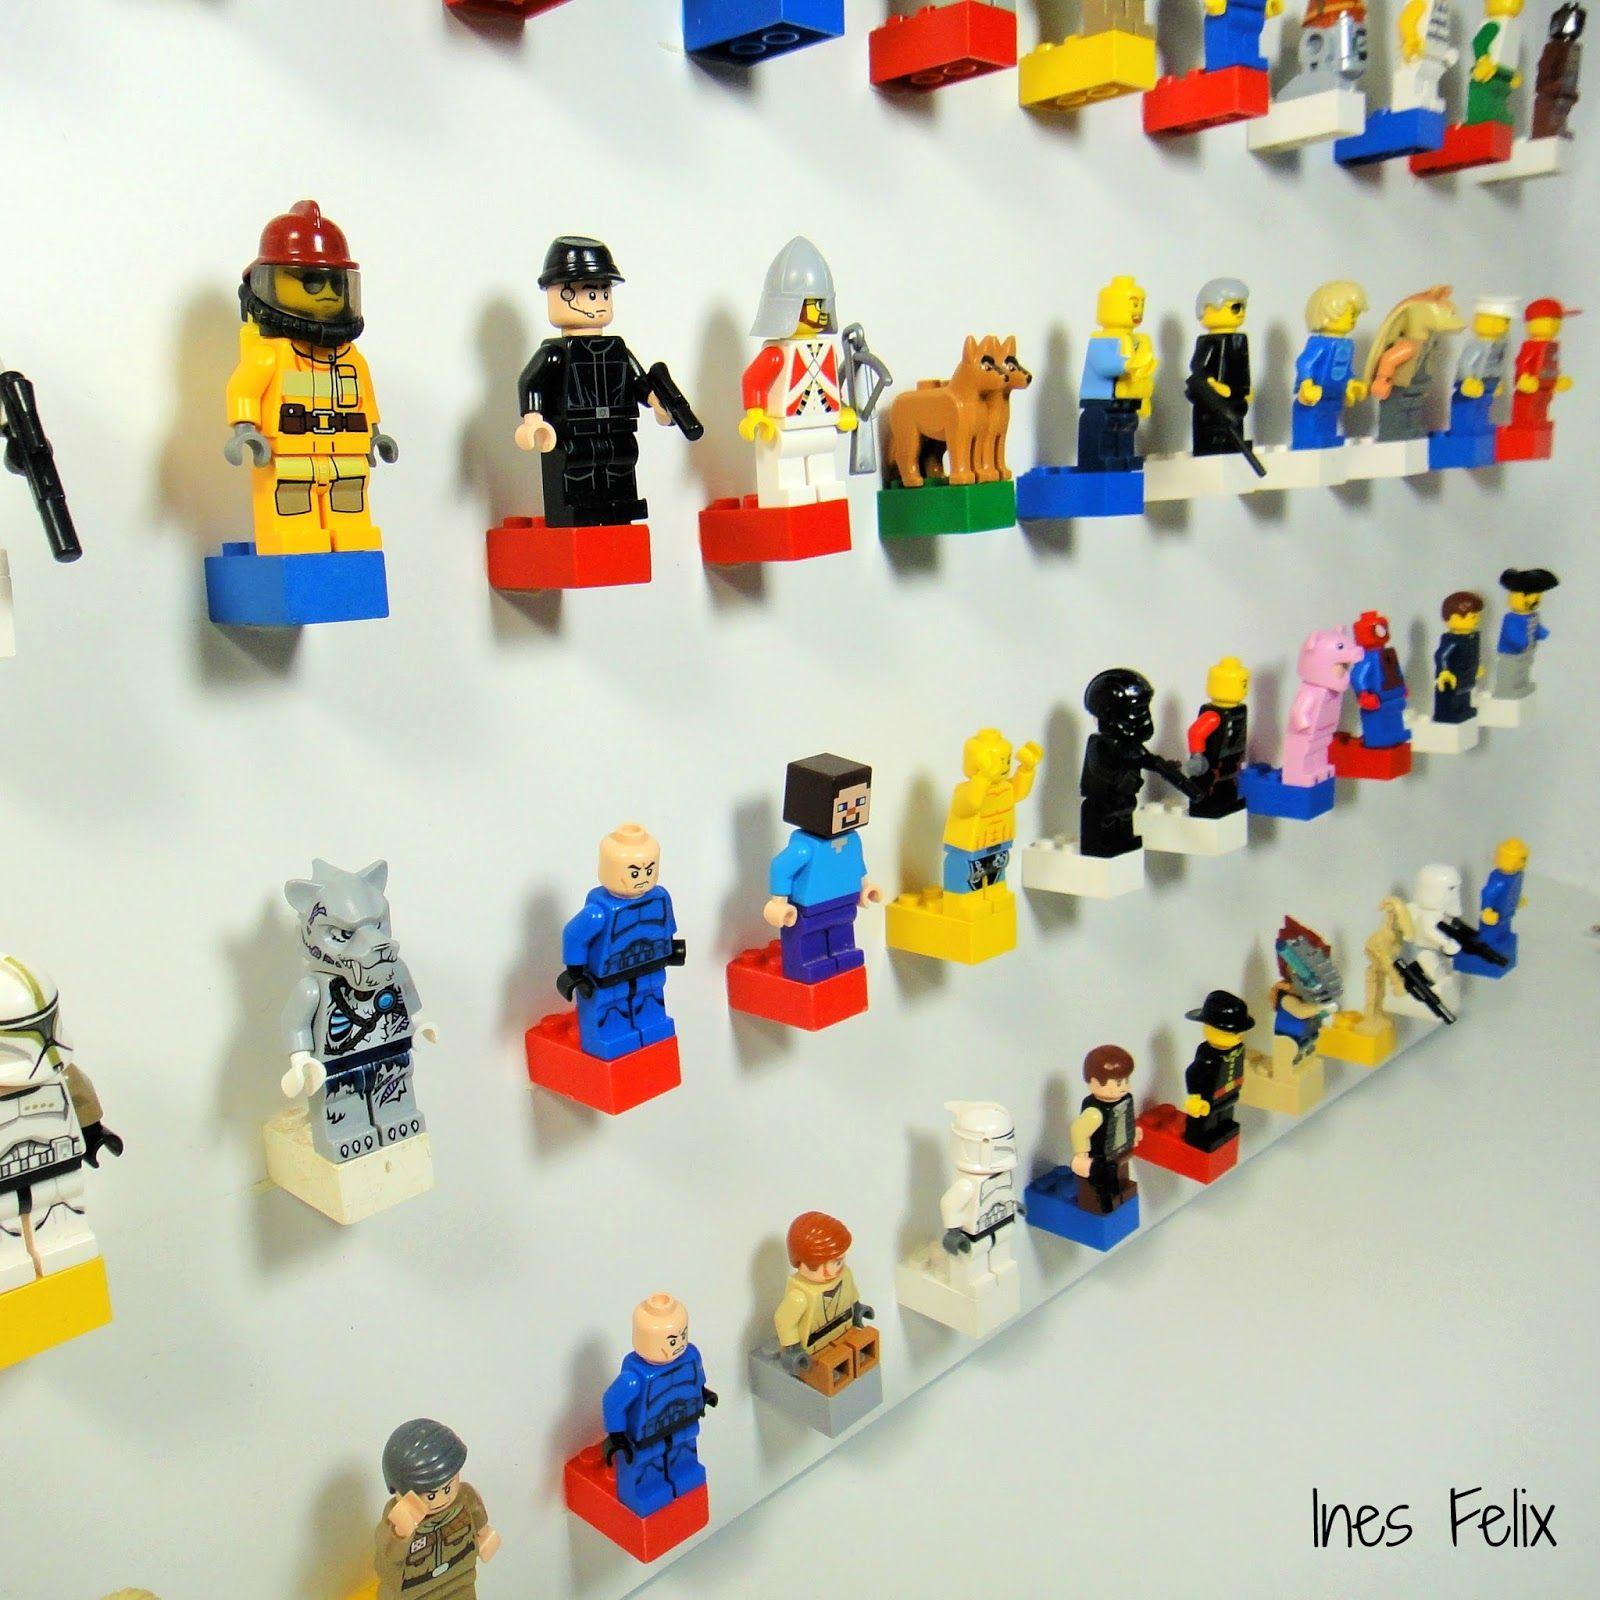 lego-figuren-wand die lego-figuren meines sohnes sind ihm heilig und